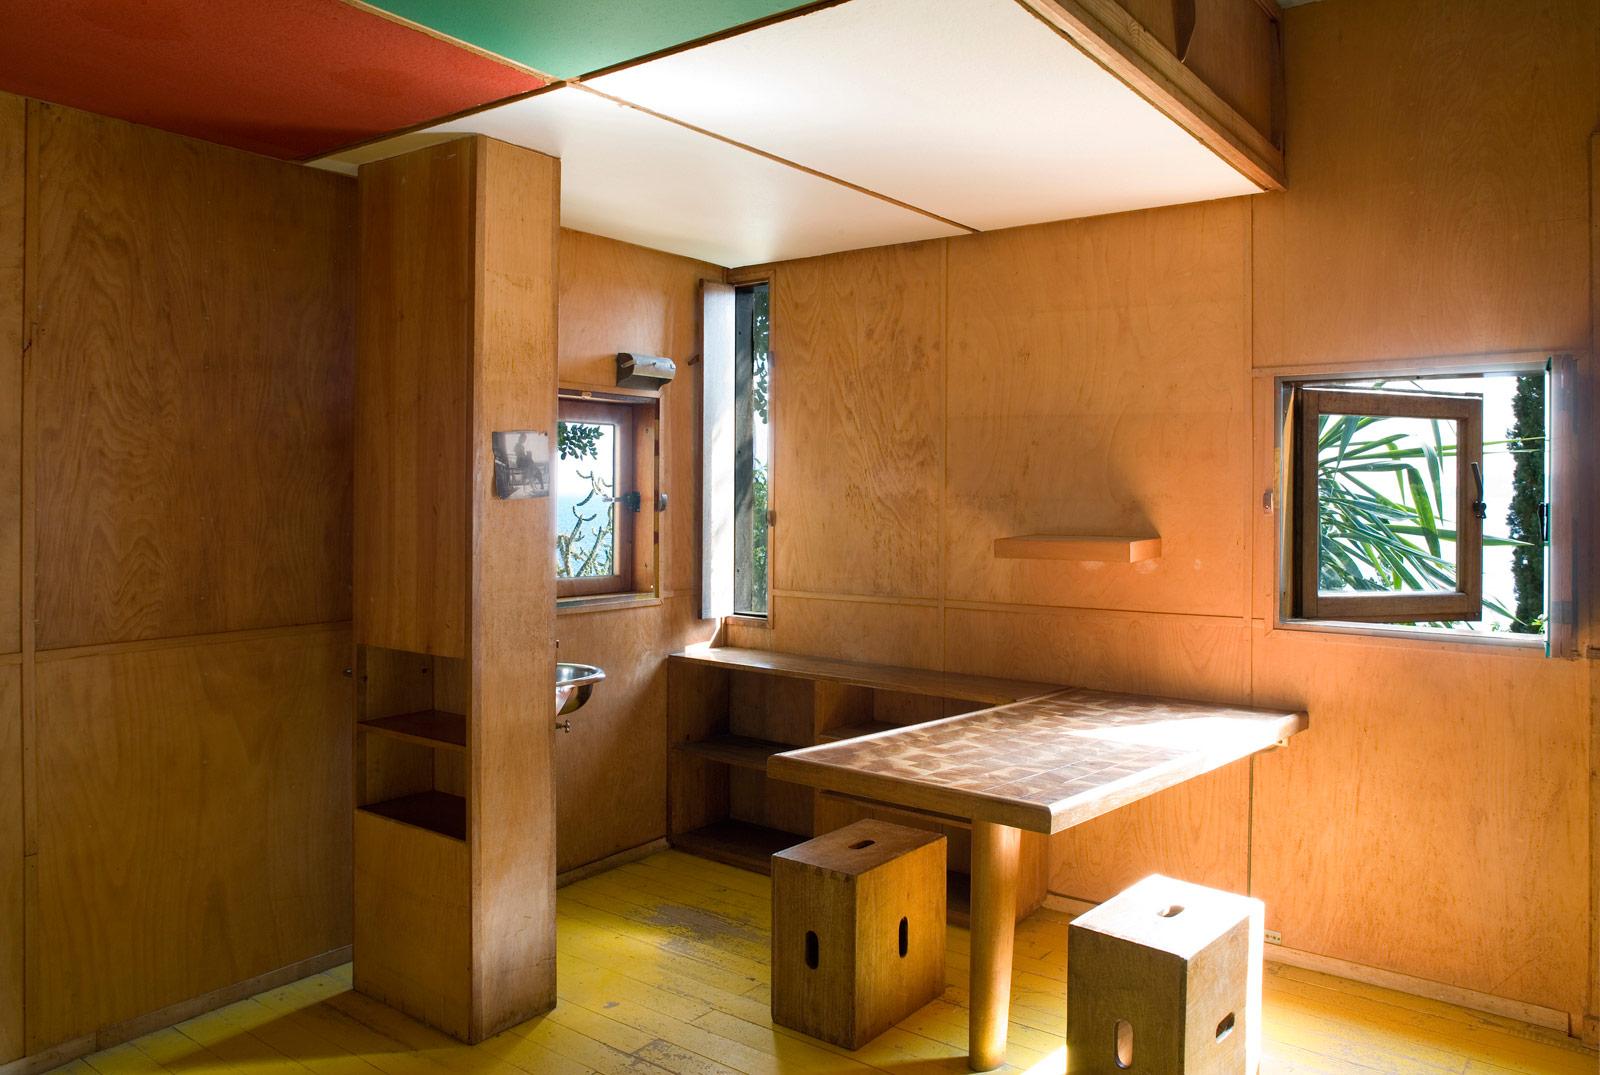 Existenz Minimum? Existenz Maximum! - promo_legno - Cabanon Le Corbusier